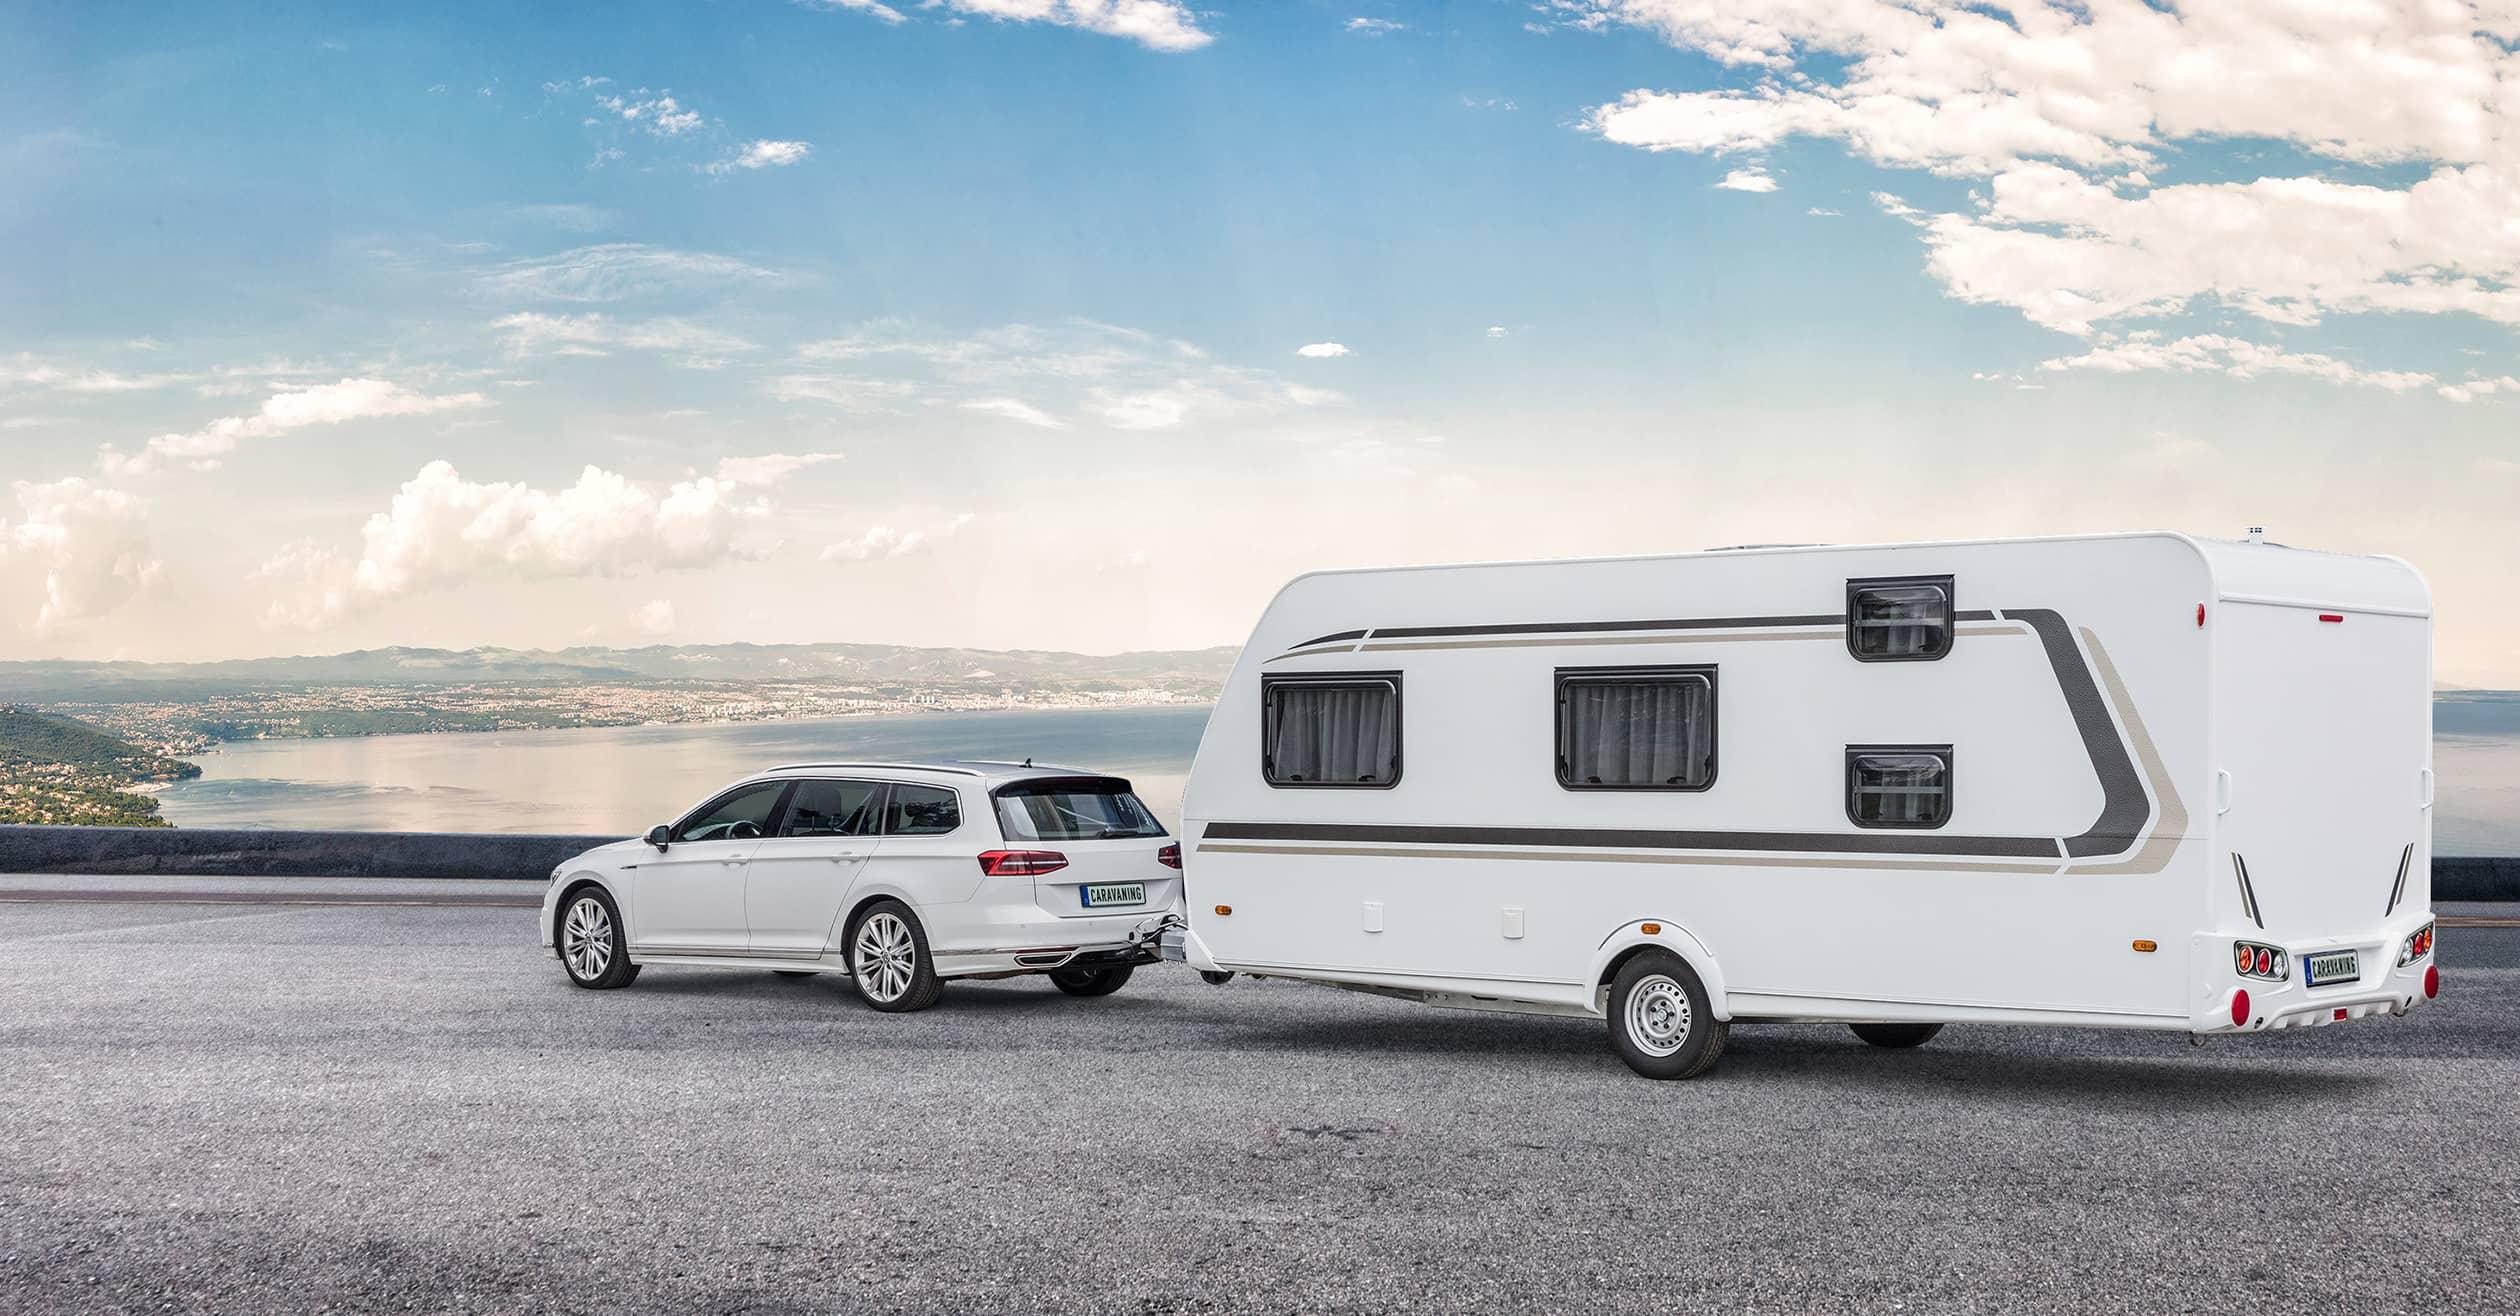 Caravans/Wohnwagen für Familien  Caravaning-Info.de